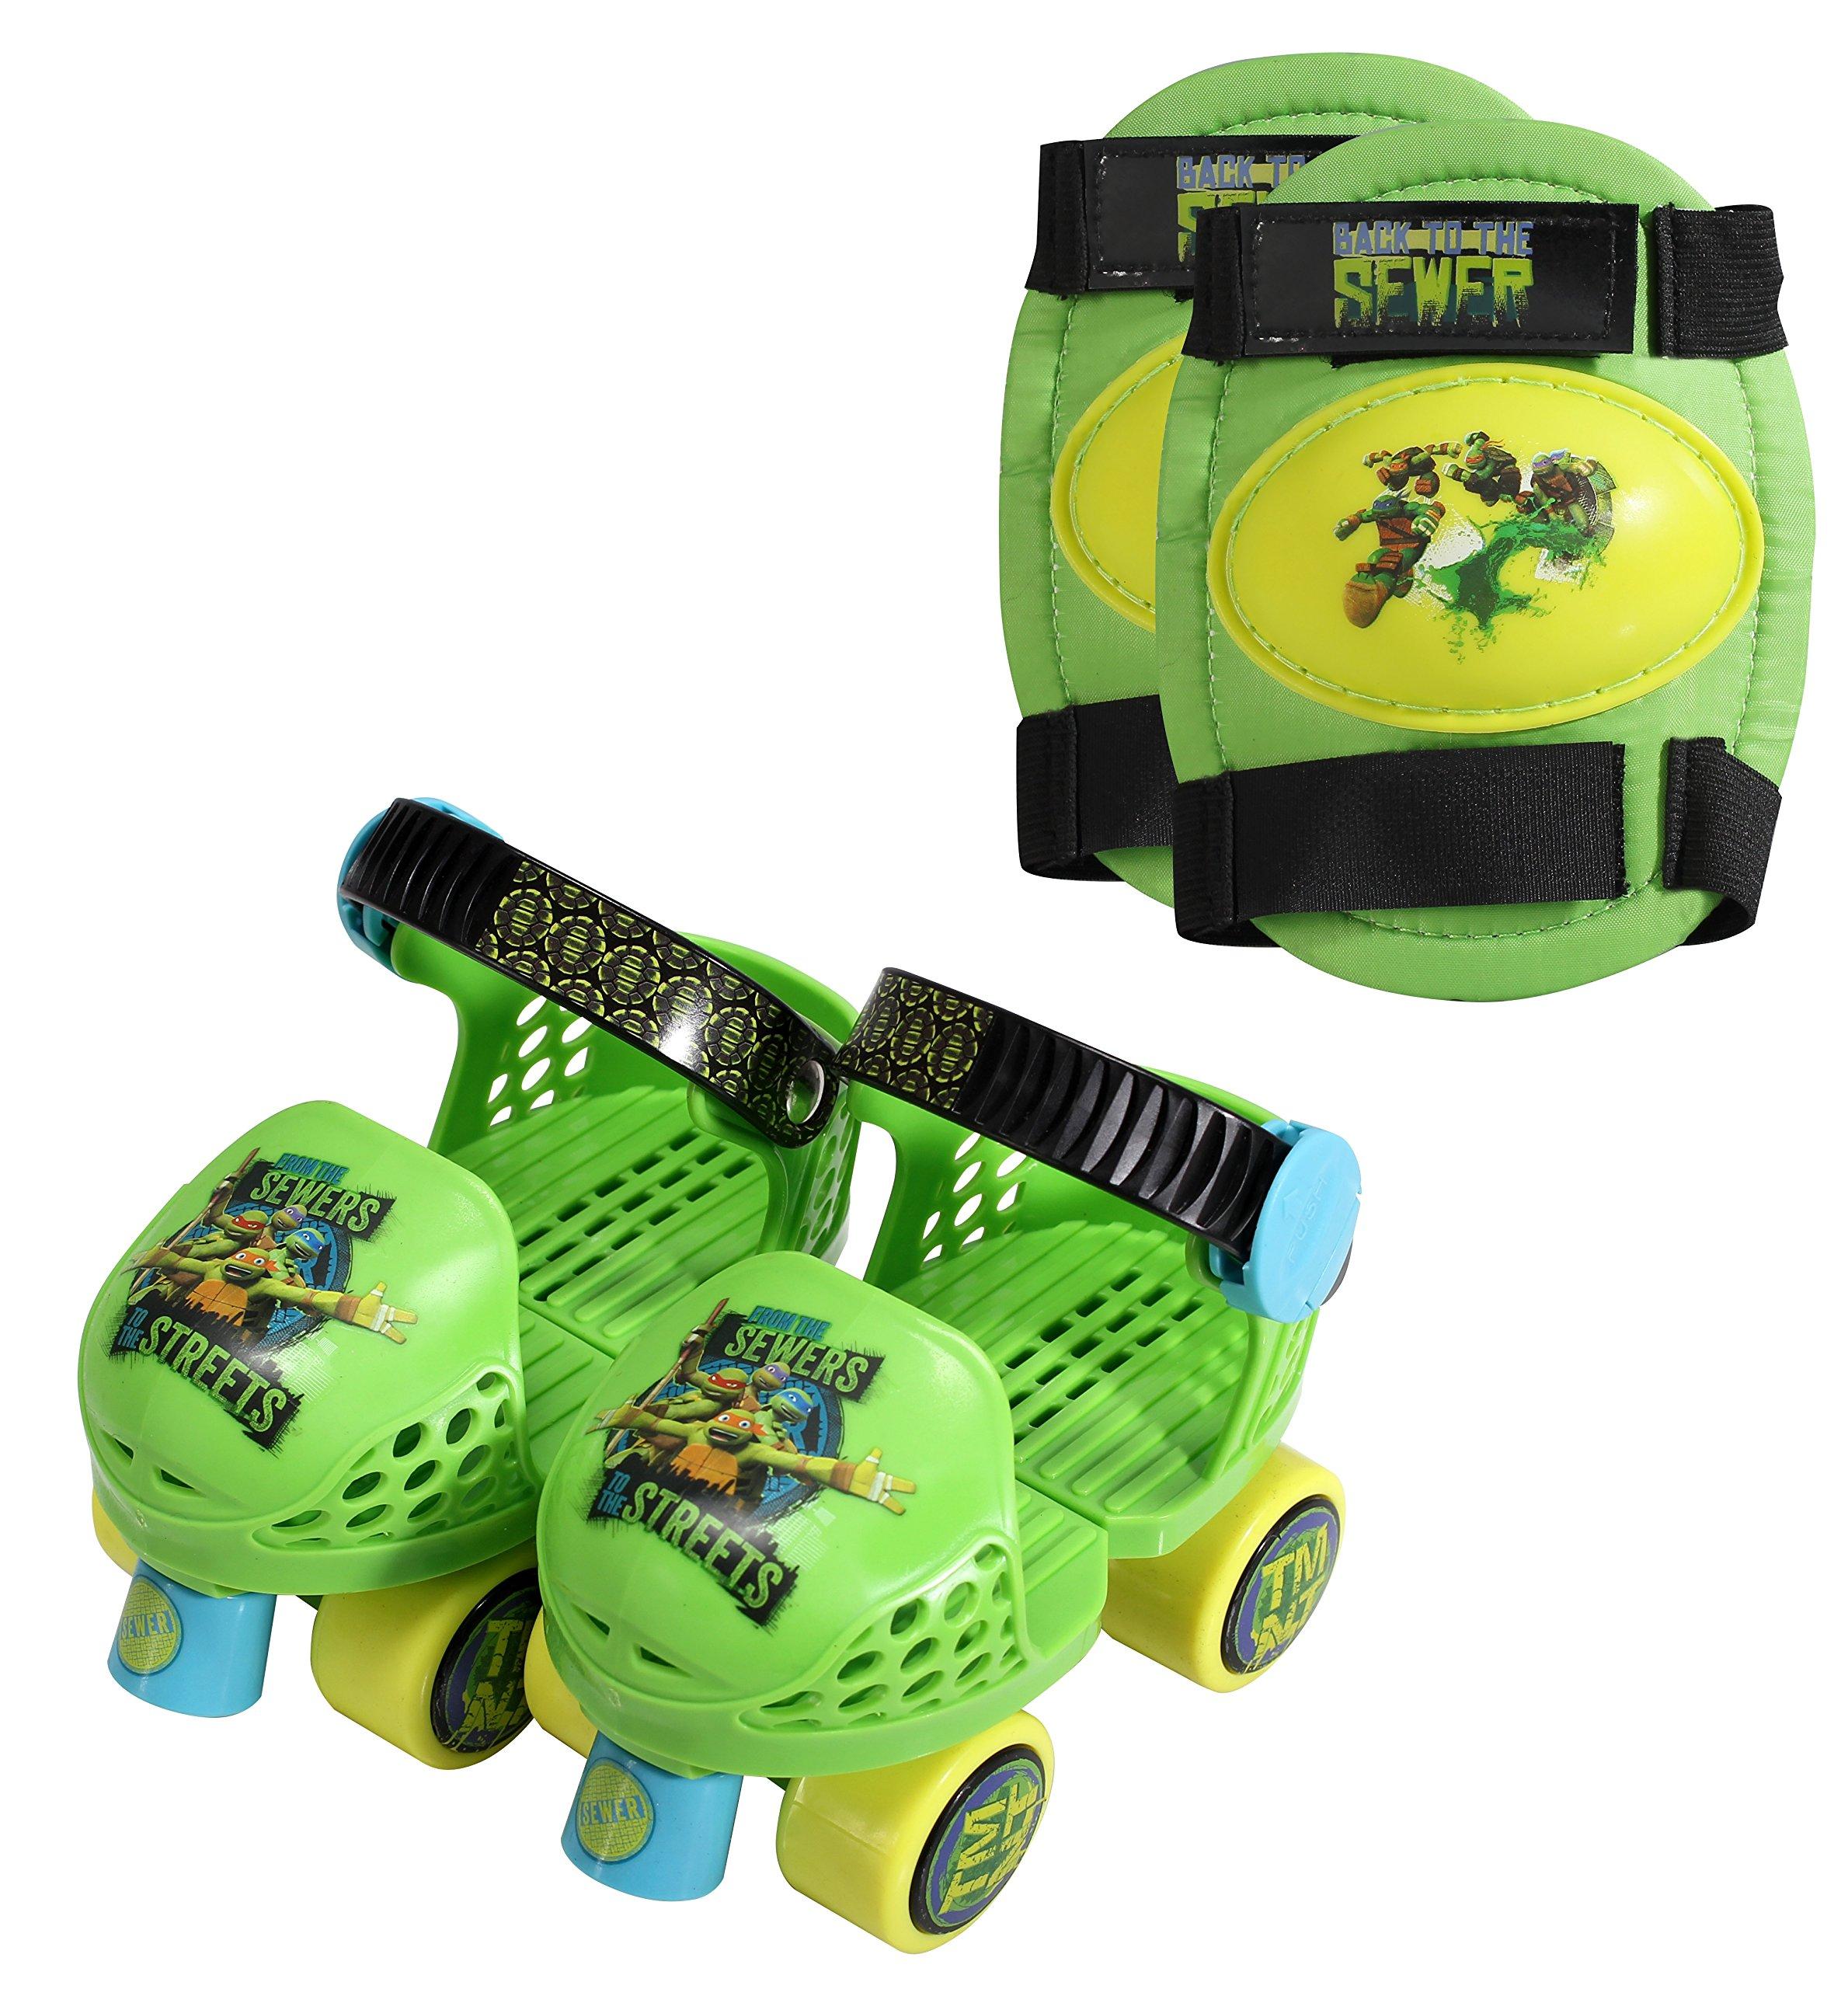 PlayWheels Teenage Mutant Ninja Turtles Roller Skates with Knee Pads, Green/Black, Junior Size 6-12